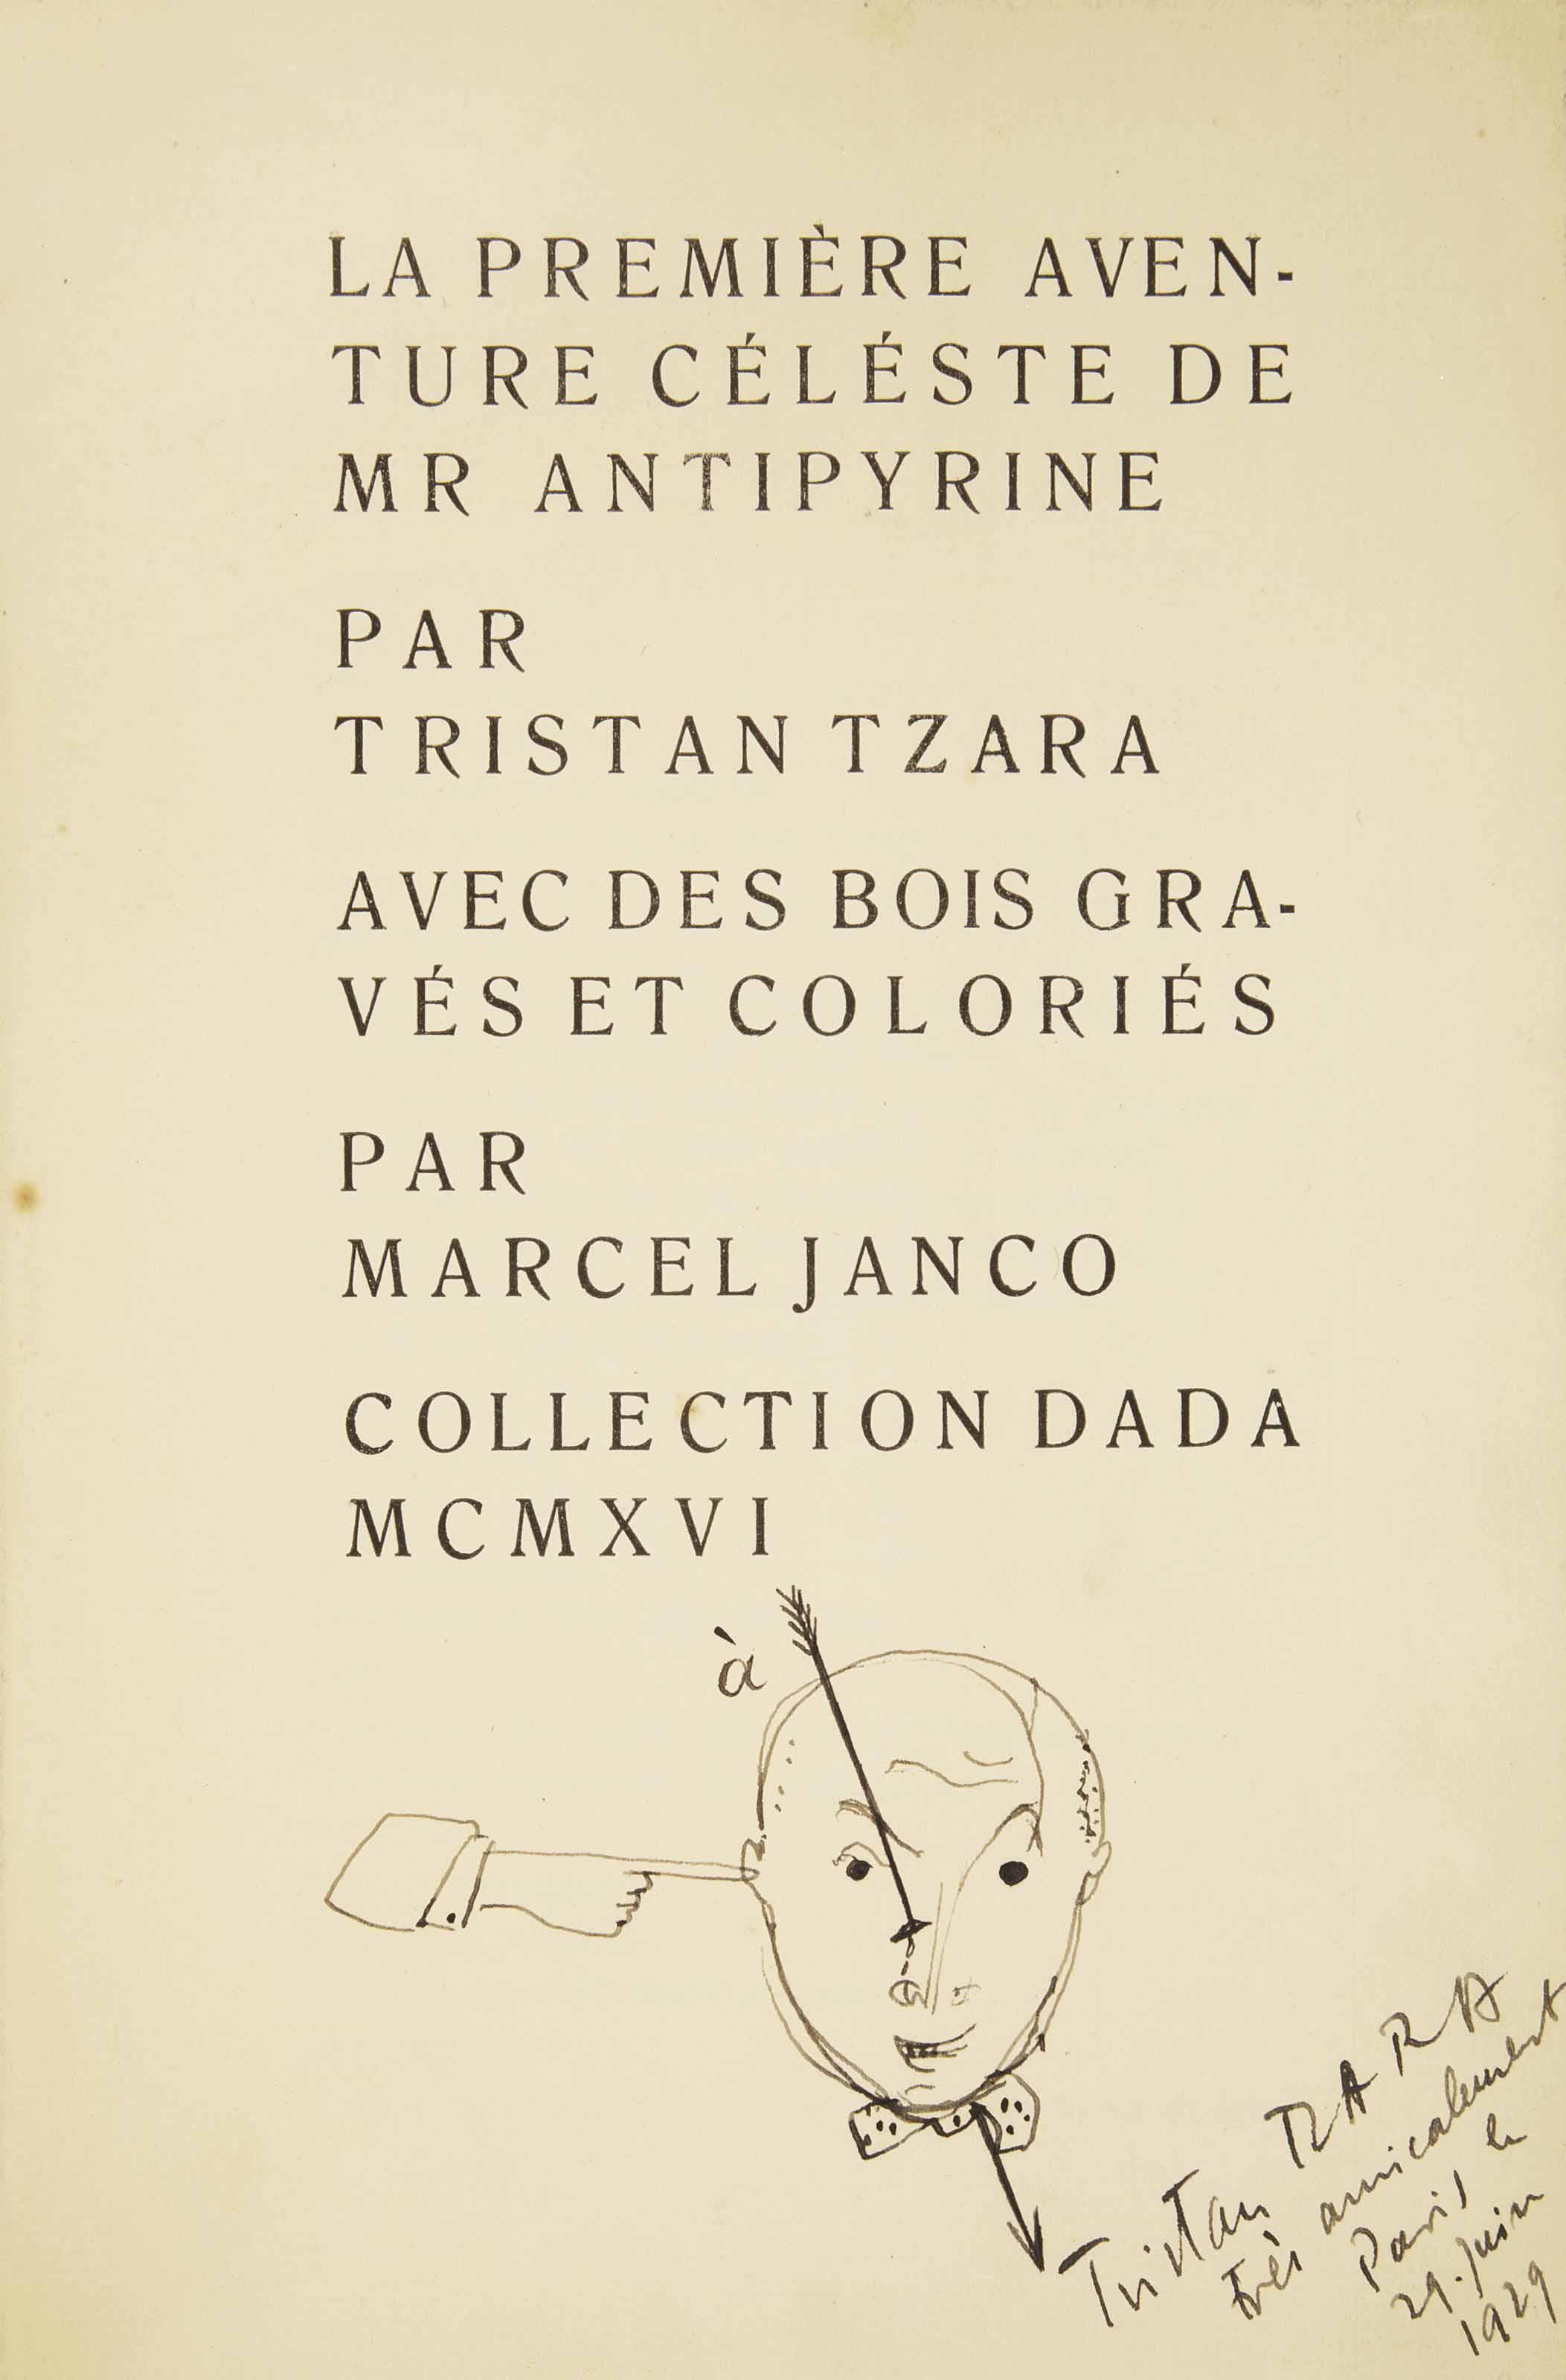 [JANCO] - TZARA, Tristan (1896-1963). La Première aventure céleste de Mr. Antipyrine. Avec des bois gravés et coloriés par Marcel Janco. Zürich: J. Heuberger pour Collection Dada, 1916.